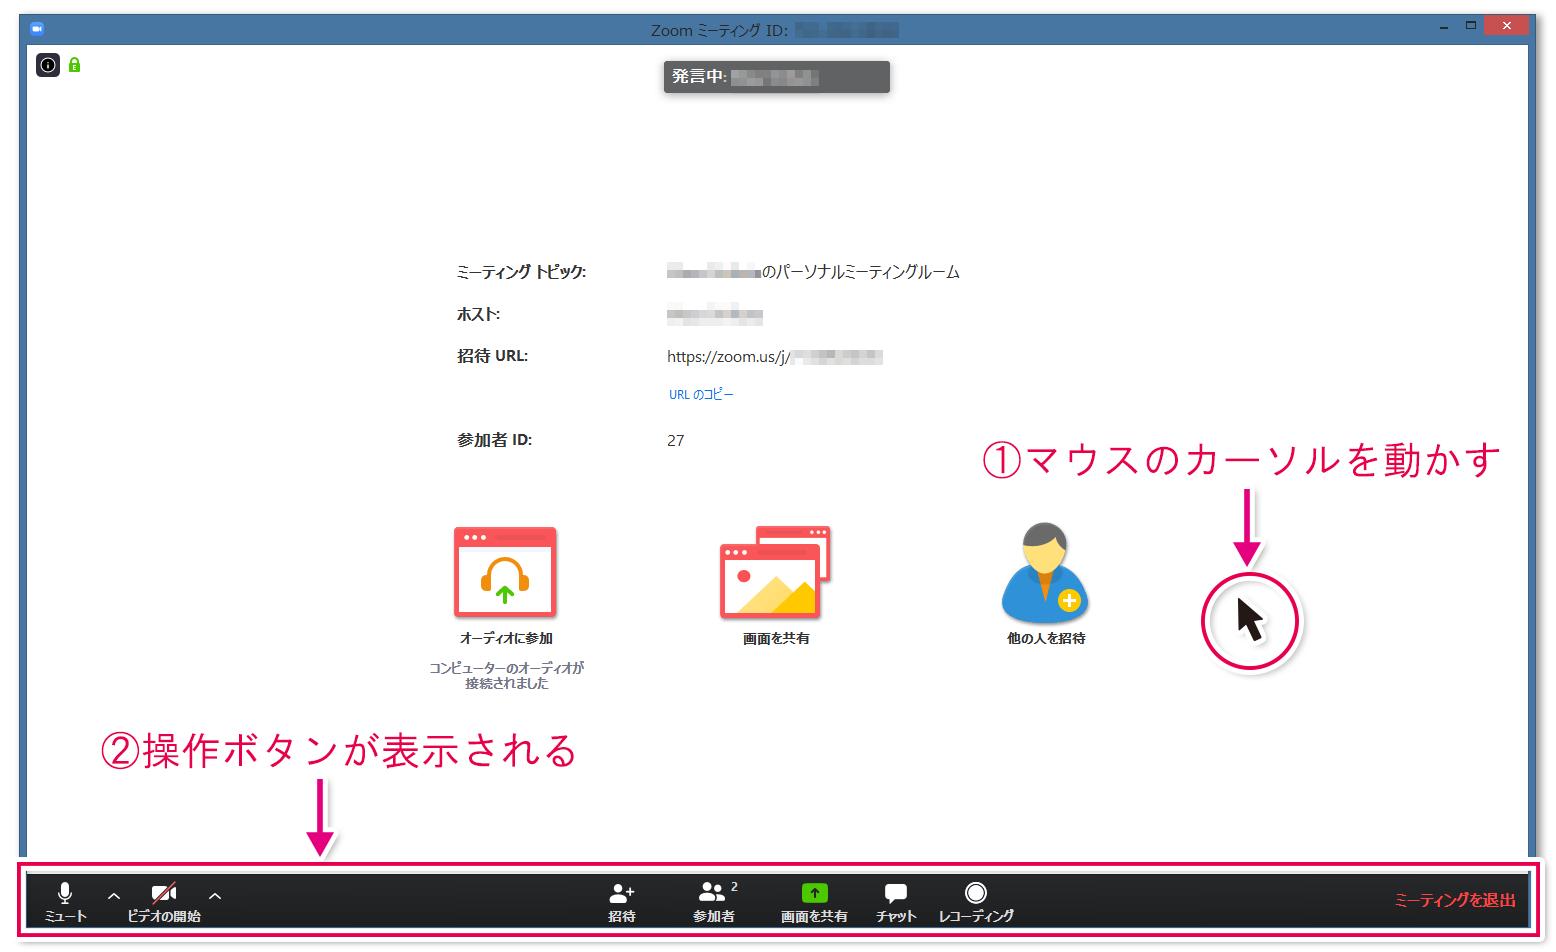 Zoom_最初の画面3_インターフェイスの表示